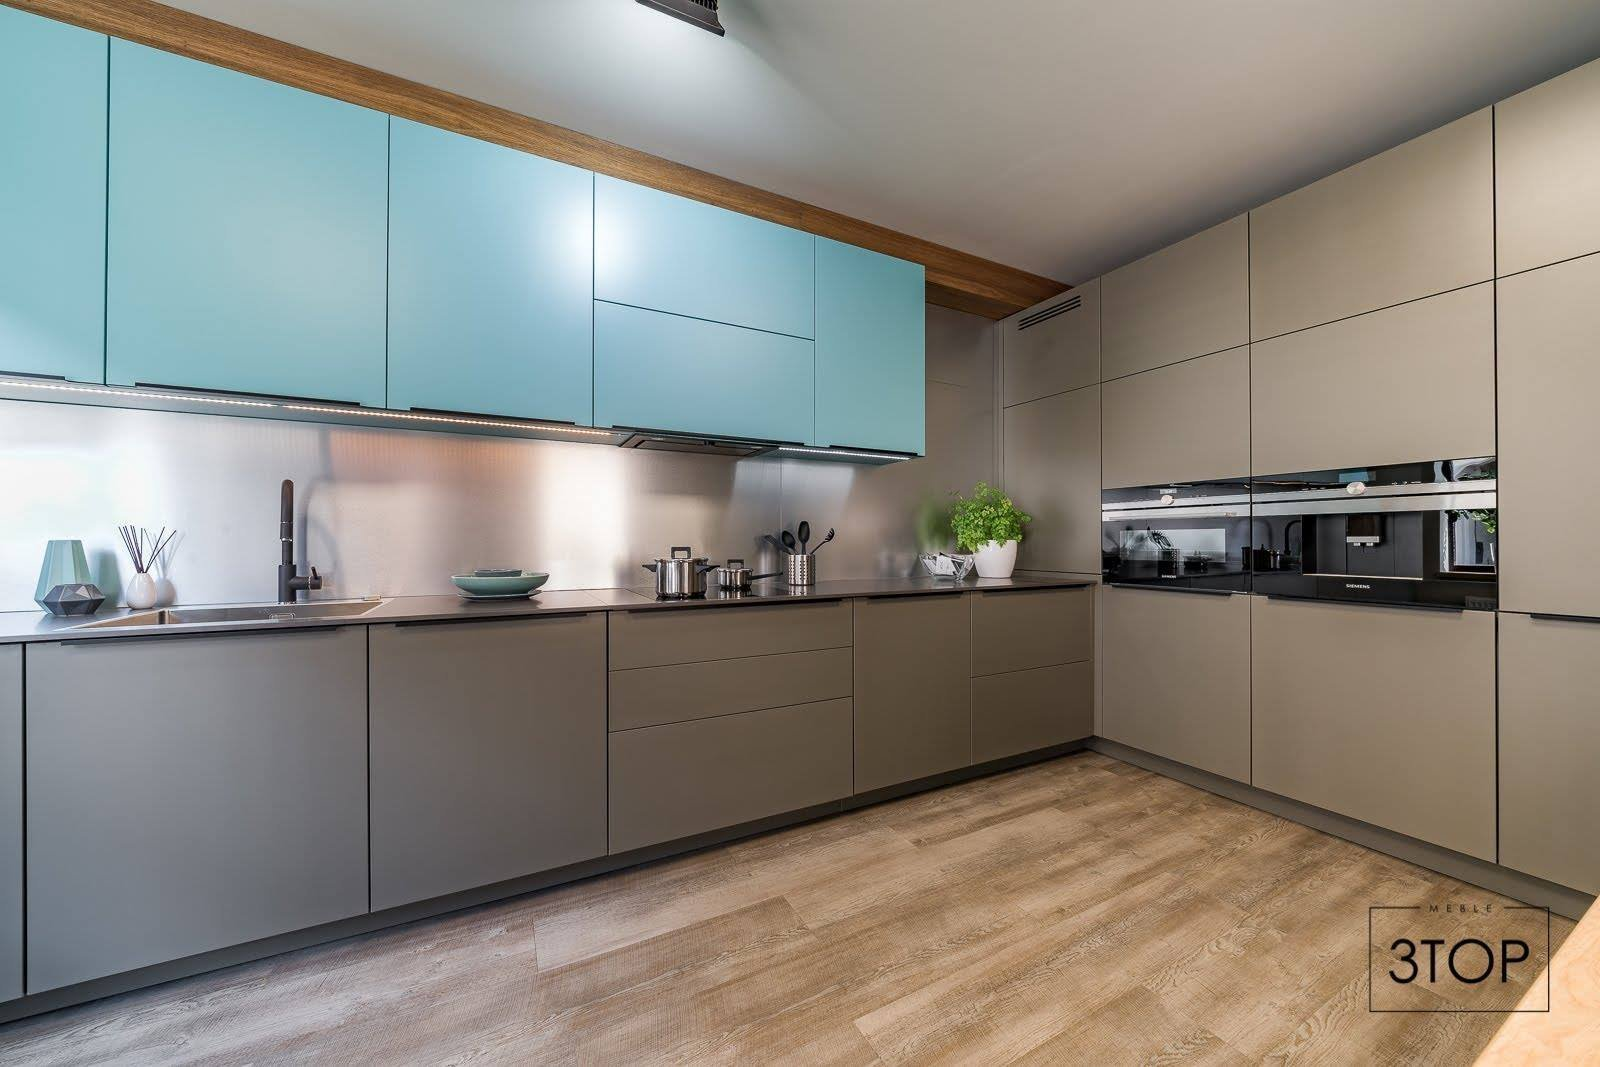 Modrá je dobrá. Ale co v kuchyni?